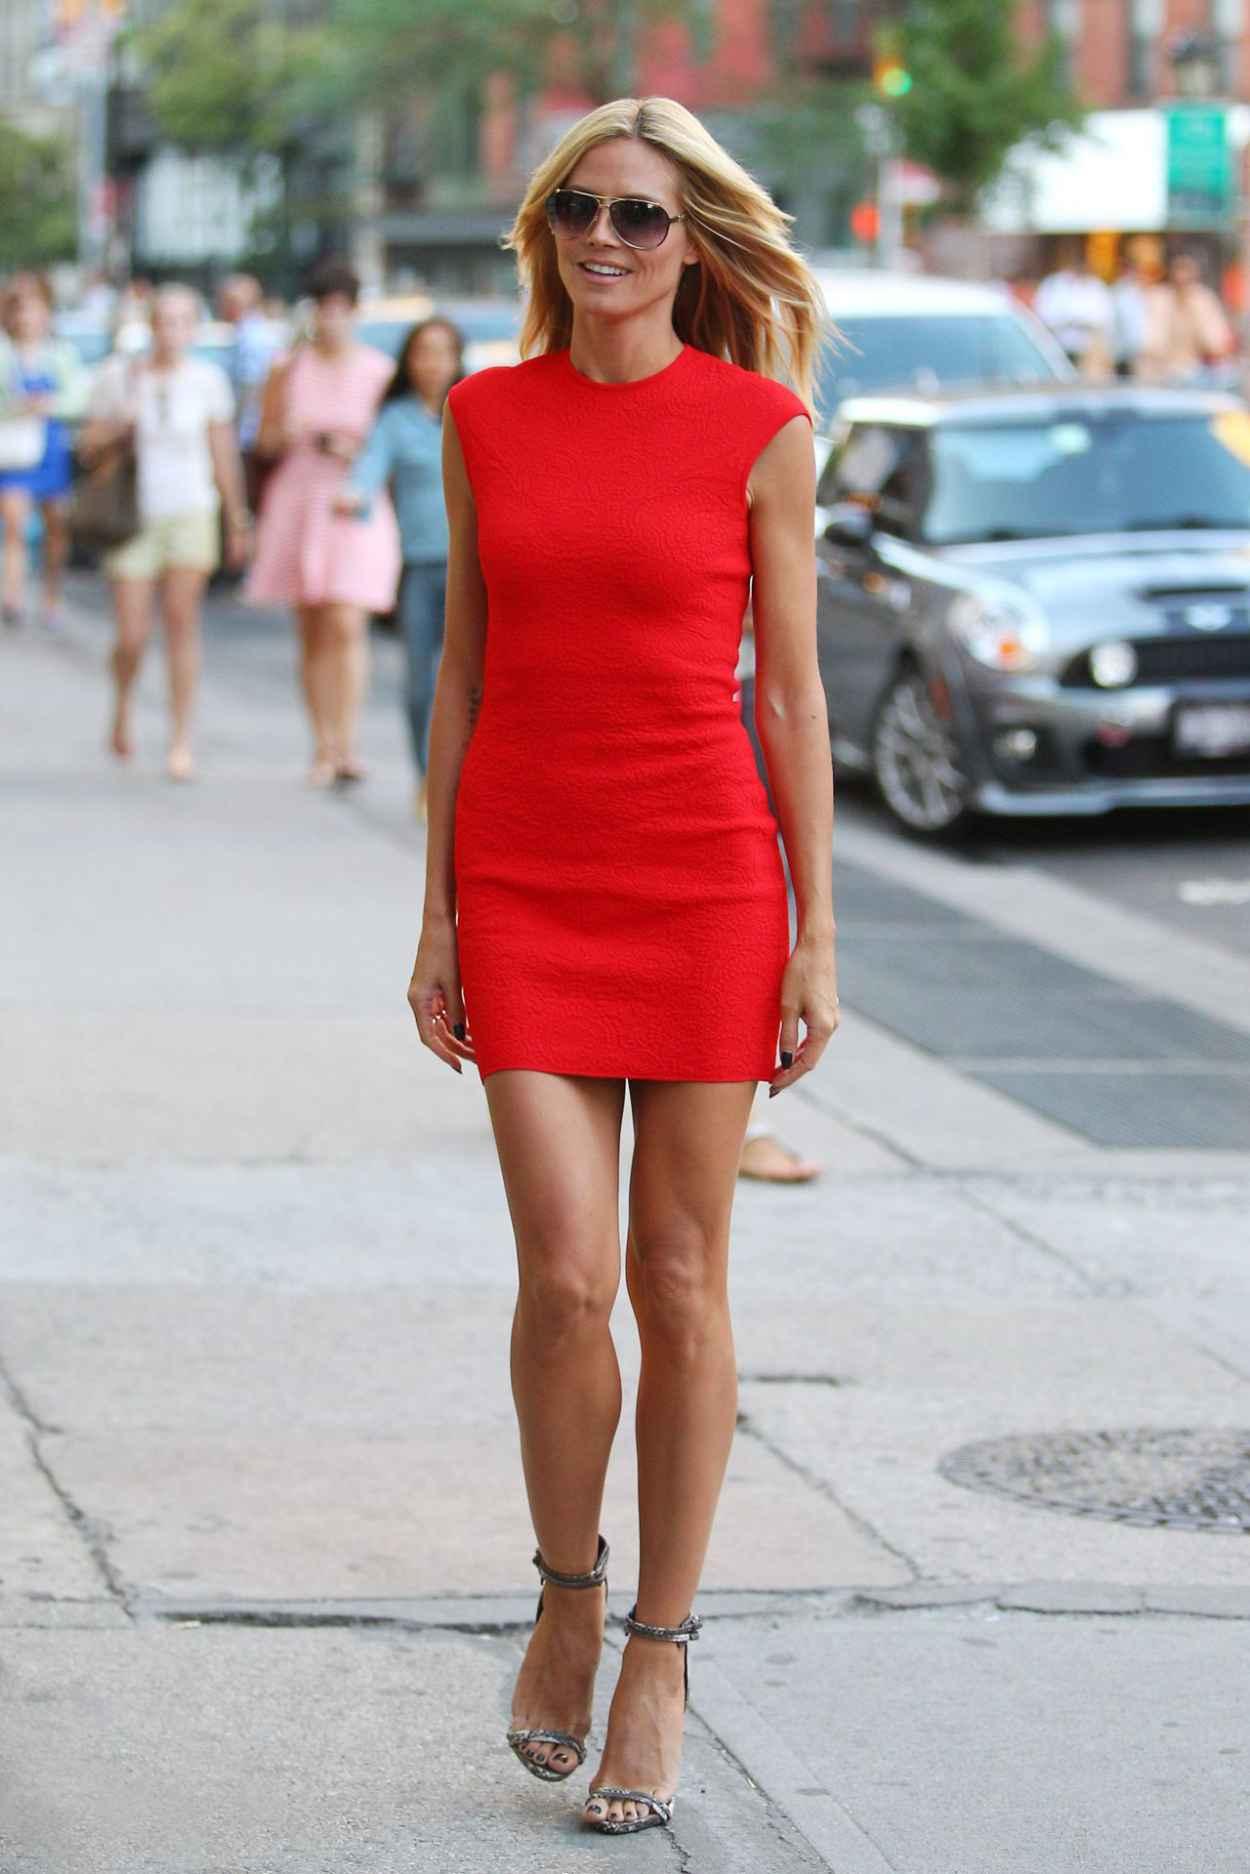 NEW YORK CITY - JUNE 2015: Manhattan rush hour, heavy street traffic of  commuting